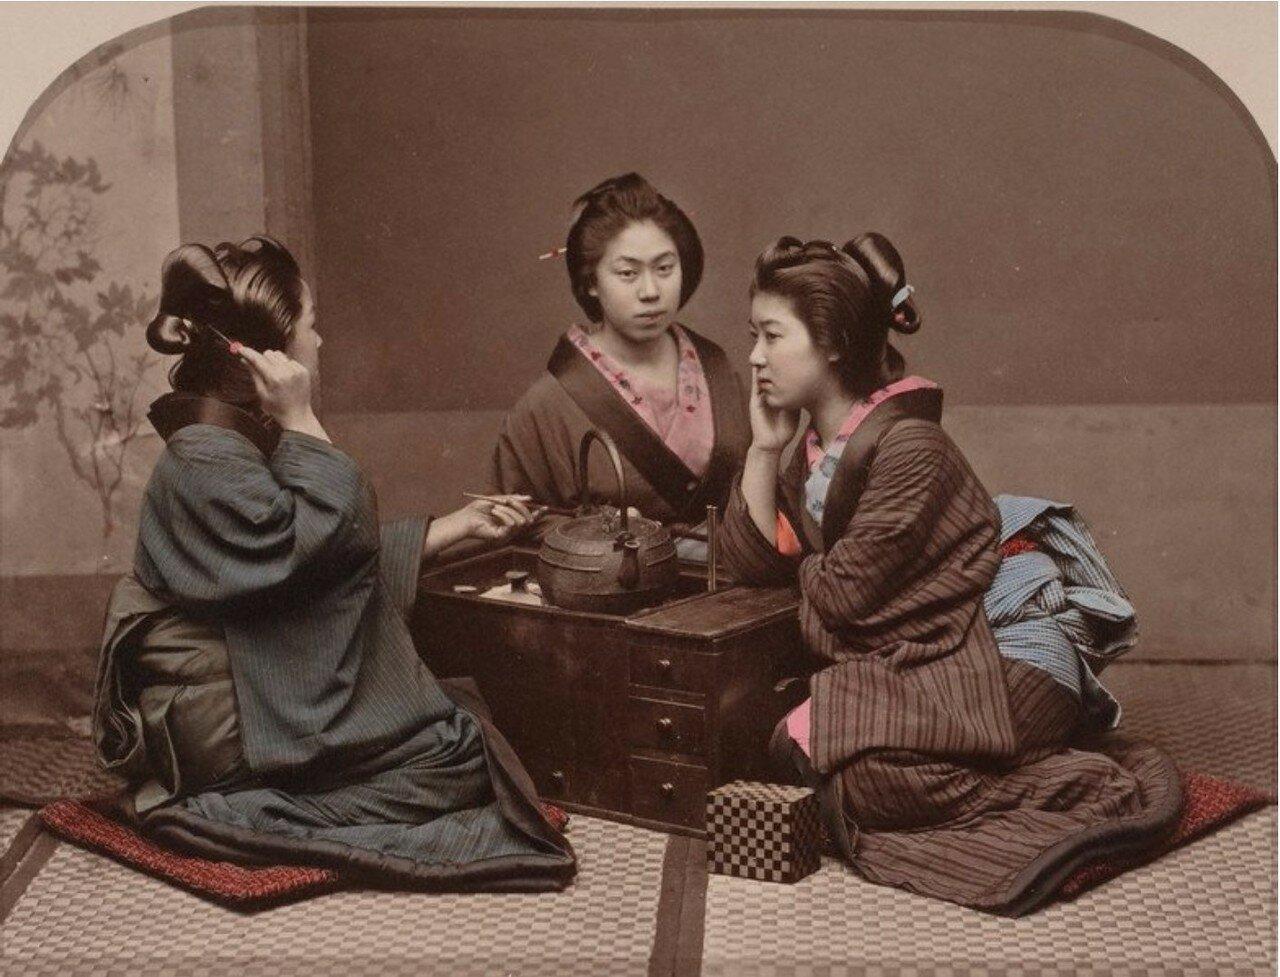 Три гейши сидят за столом возле чайника, ок 1880